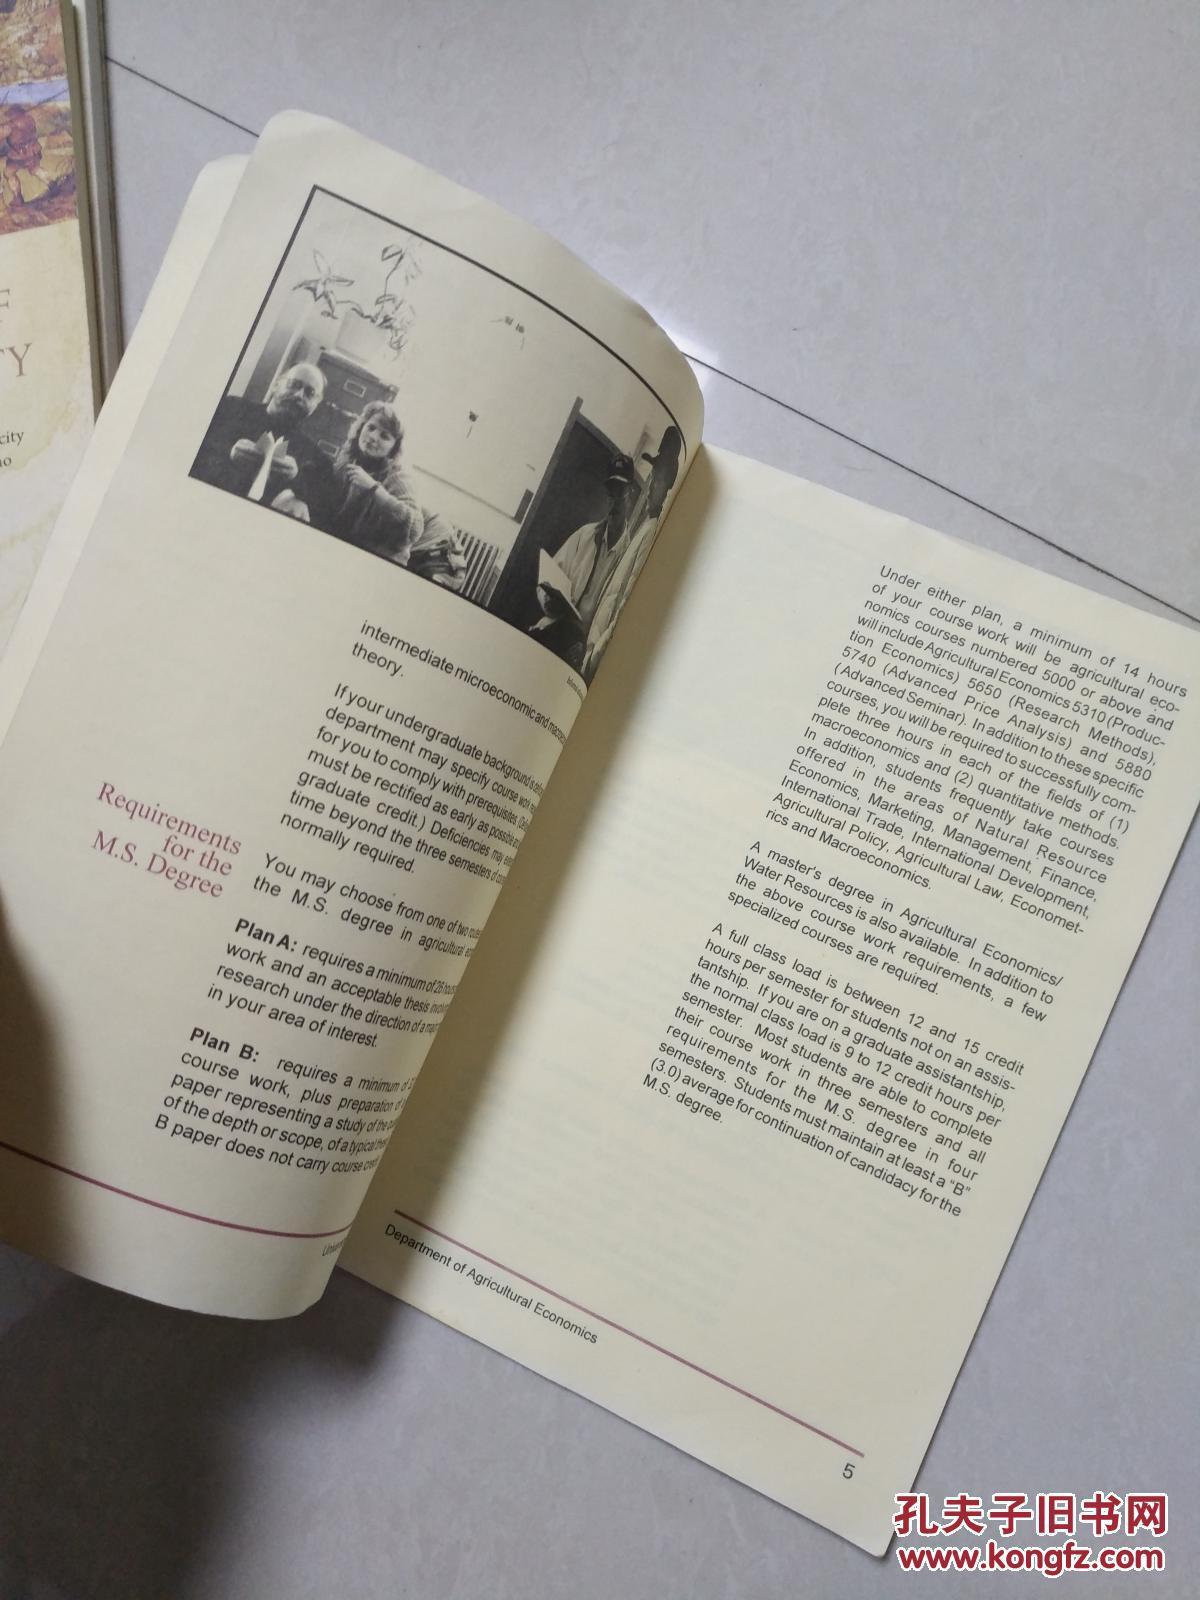 【图】英文薄书一册书名人格为研究生v书名农全大意包情第大表五图片